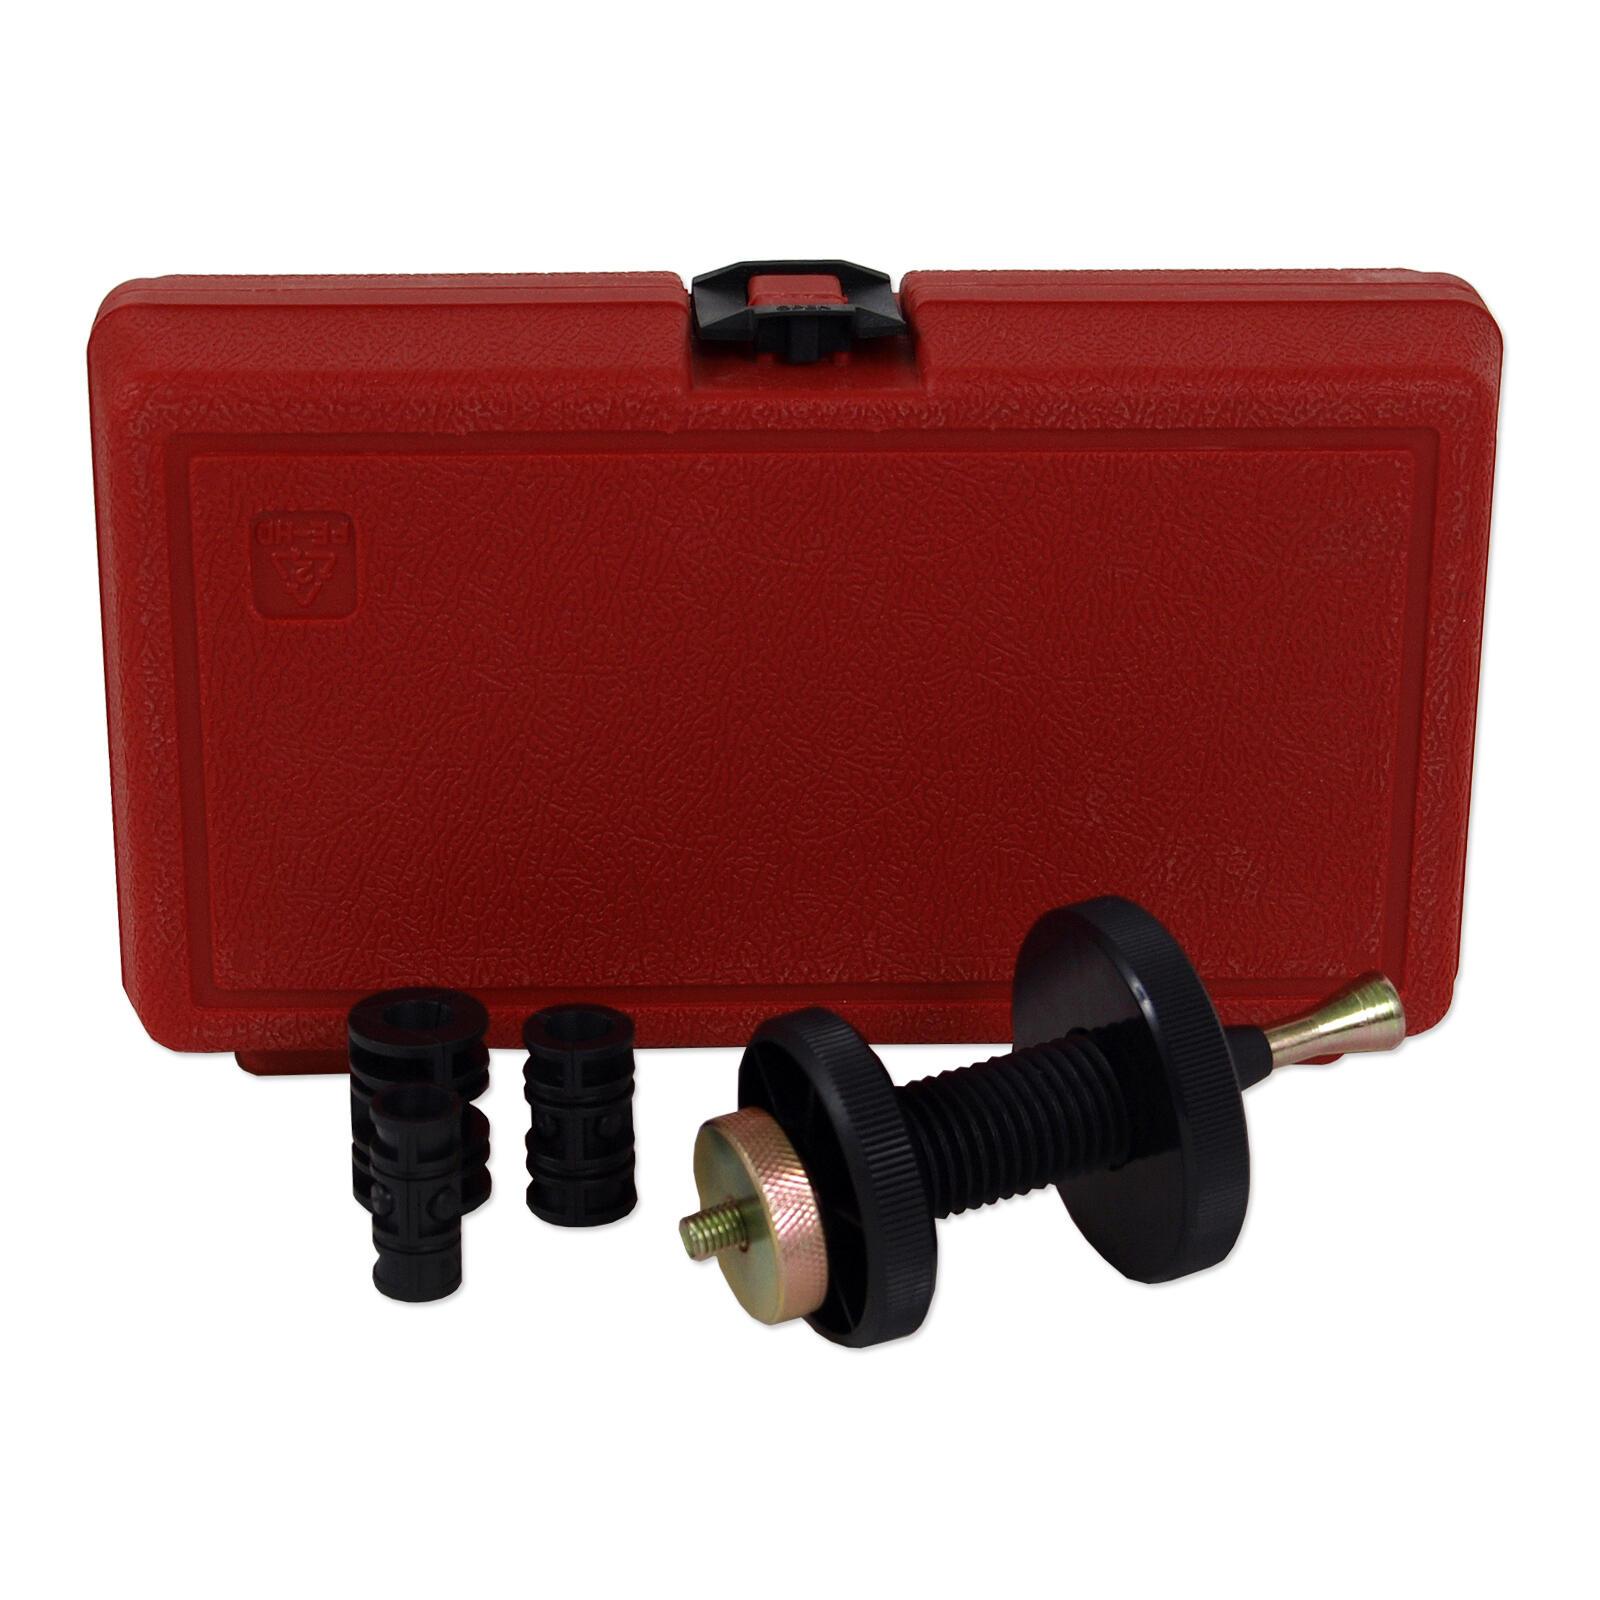 Zentriersatz Kupplungszentrierdorne mit 3 Spanndornen für PKW+NFZ